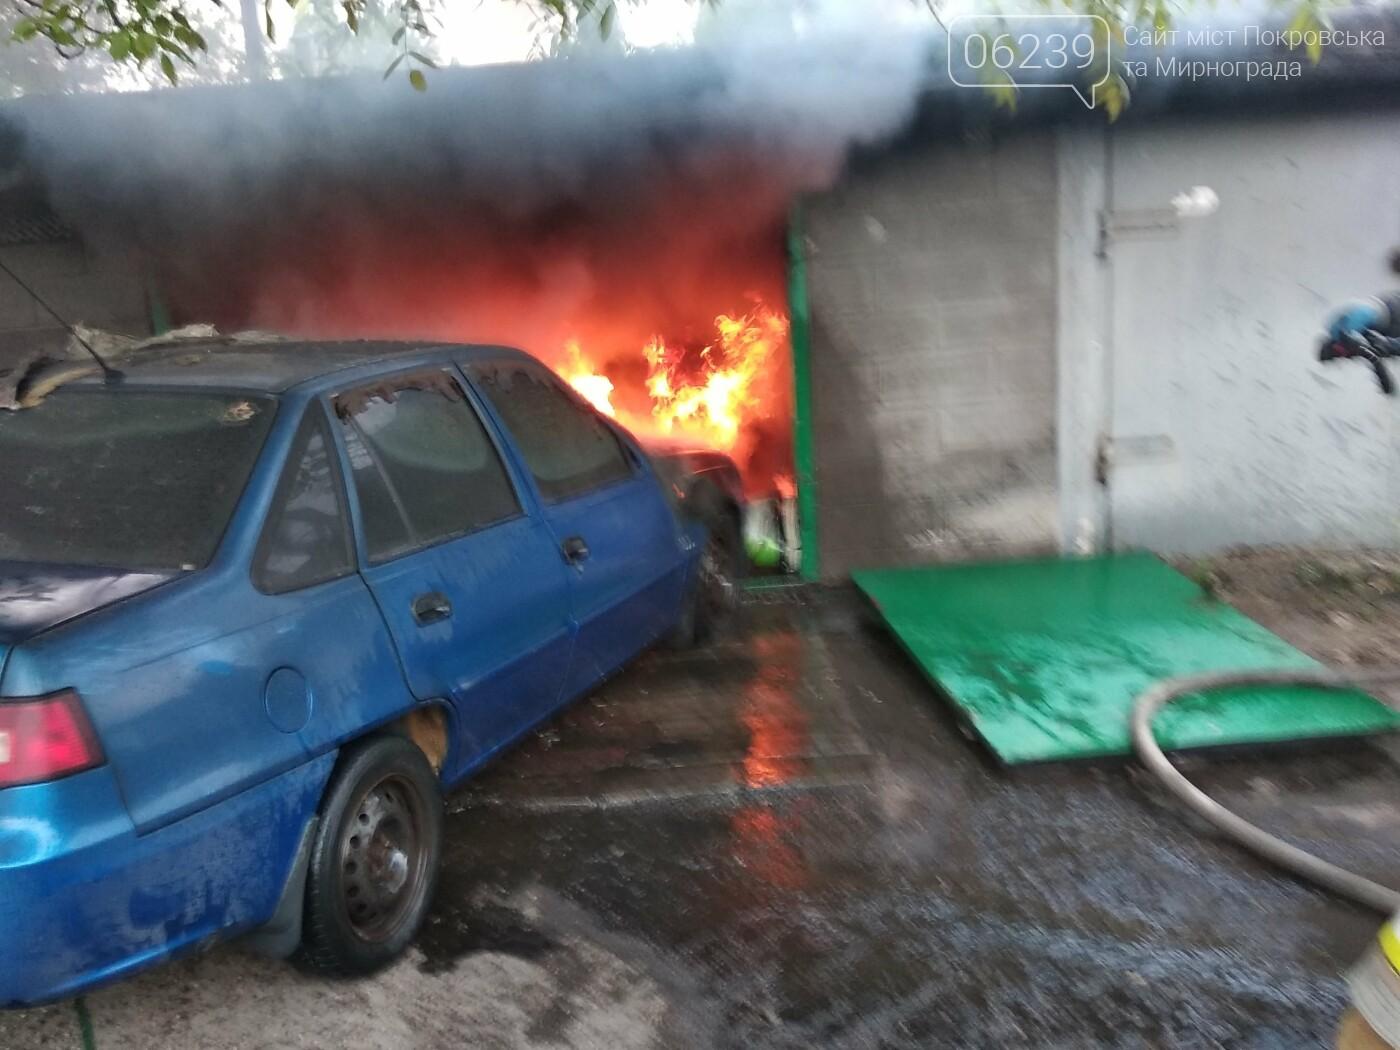 Сегодня утром в Мирнограде горел легковой автомобиль внутри одного из гаражей, фото-4